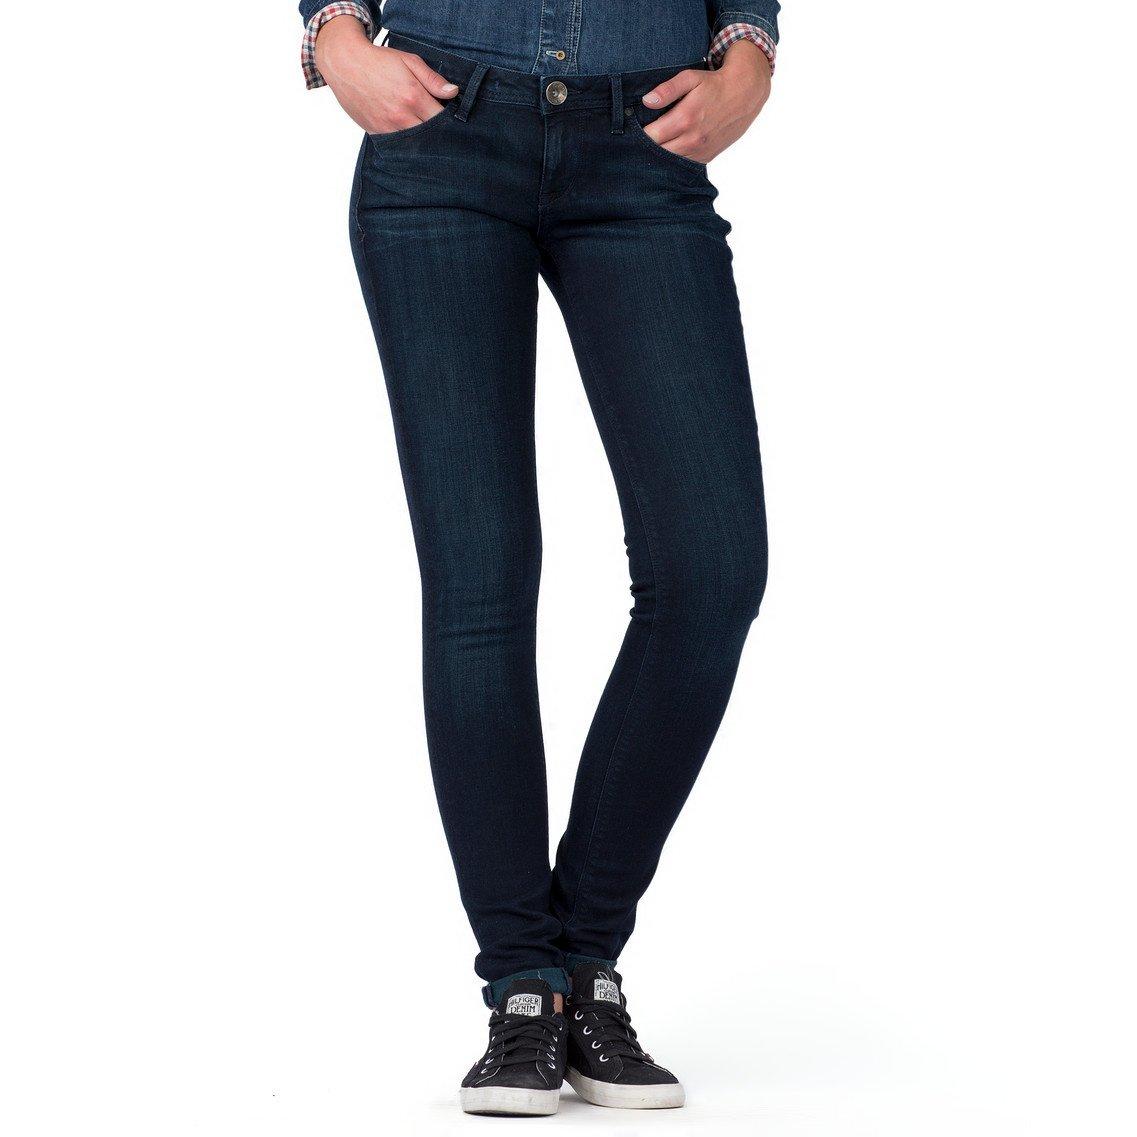 86af578471576 Tommy Hilfiger Natalie Skinny Jeans in Blue - Lyst